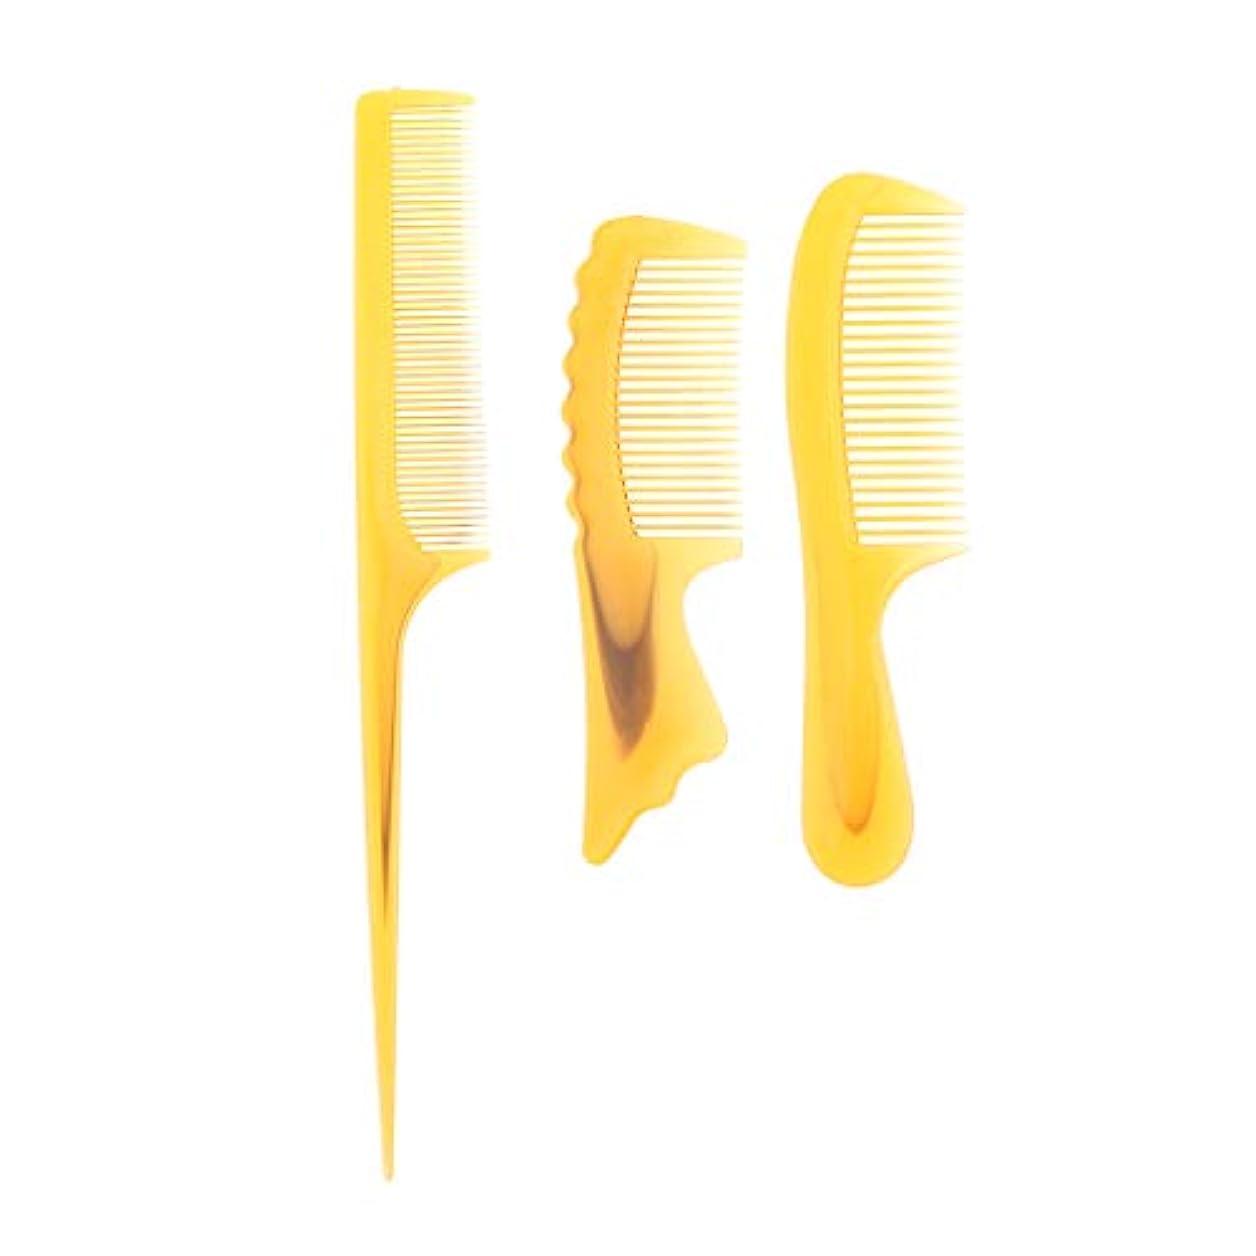 酸っぱい見積り苦しめる3個 髪の櫛 静電防止櫛 ヘアブラシ ヘアコーム コーム